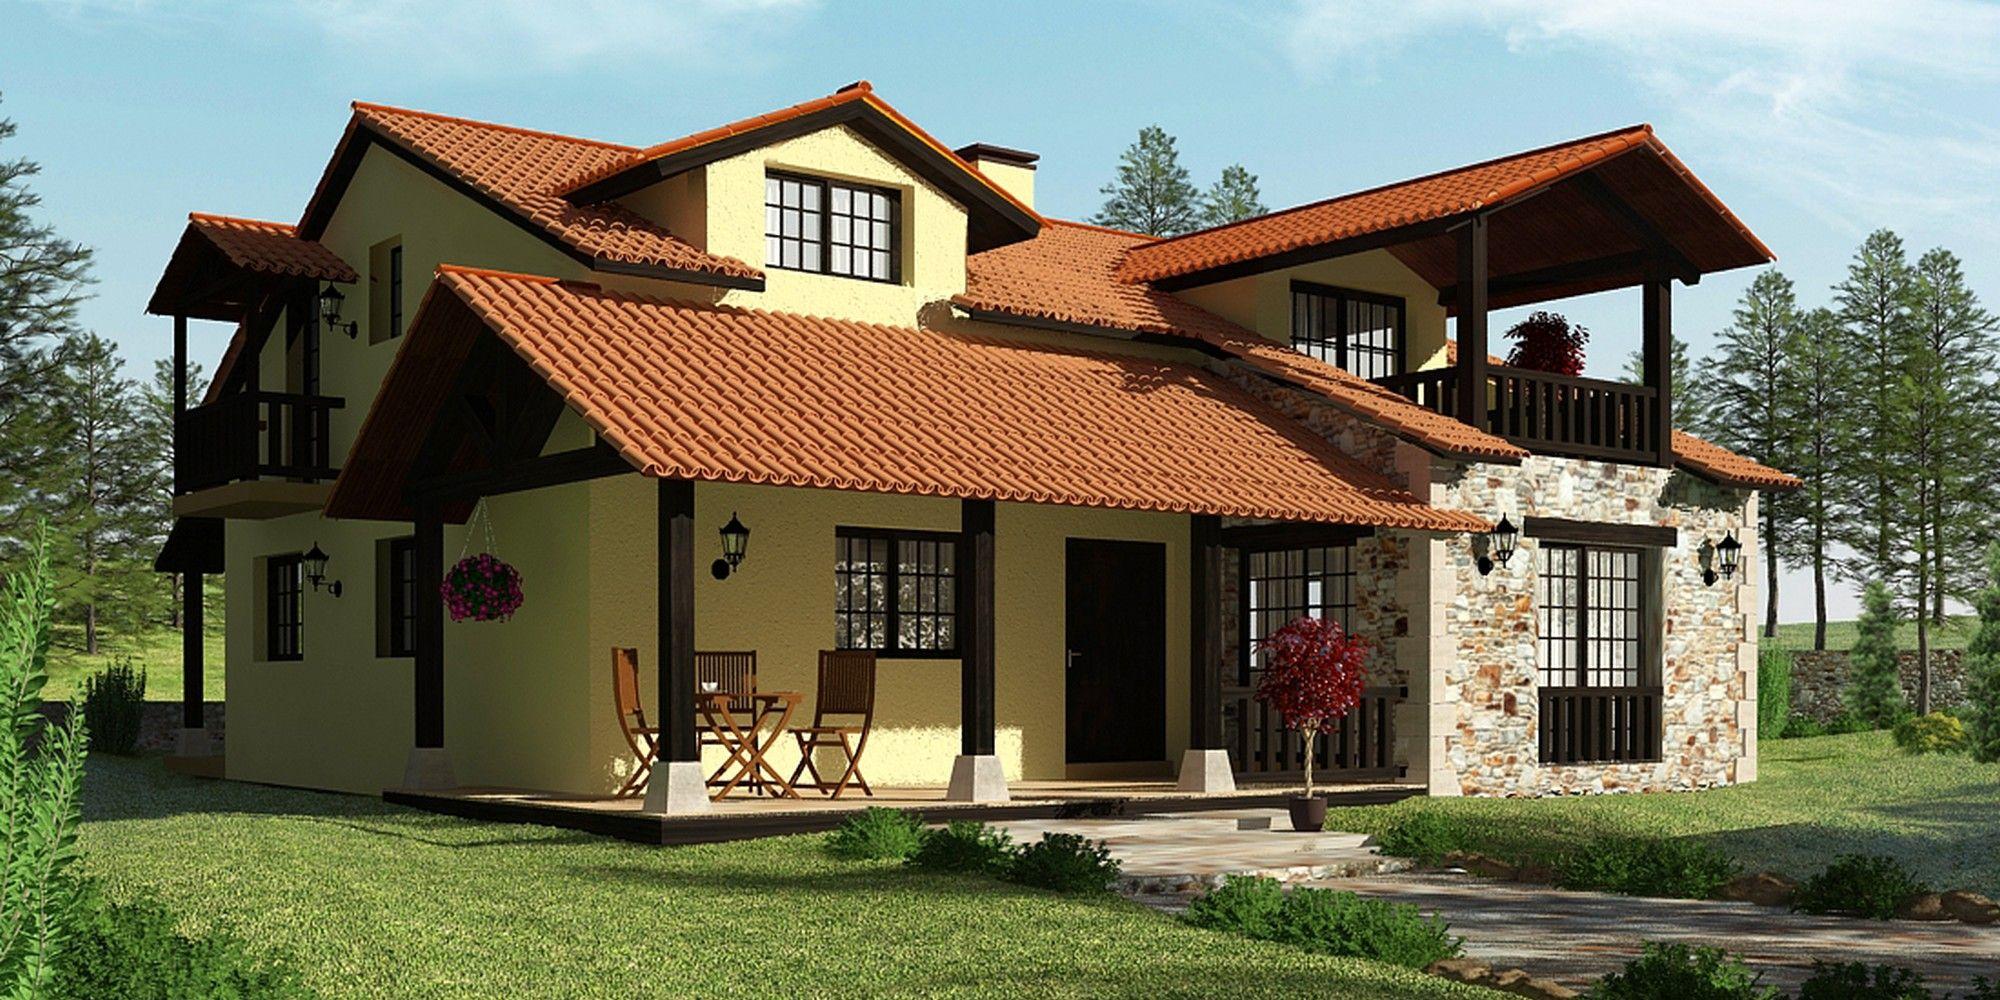 Sensibilidad piedra y madera modelo la bra a de grupo mera bricolaje y manualidades - Planos de casas de campo rusticas ...